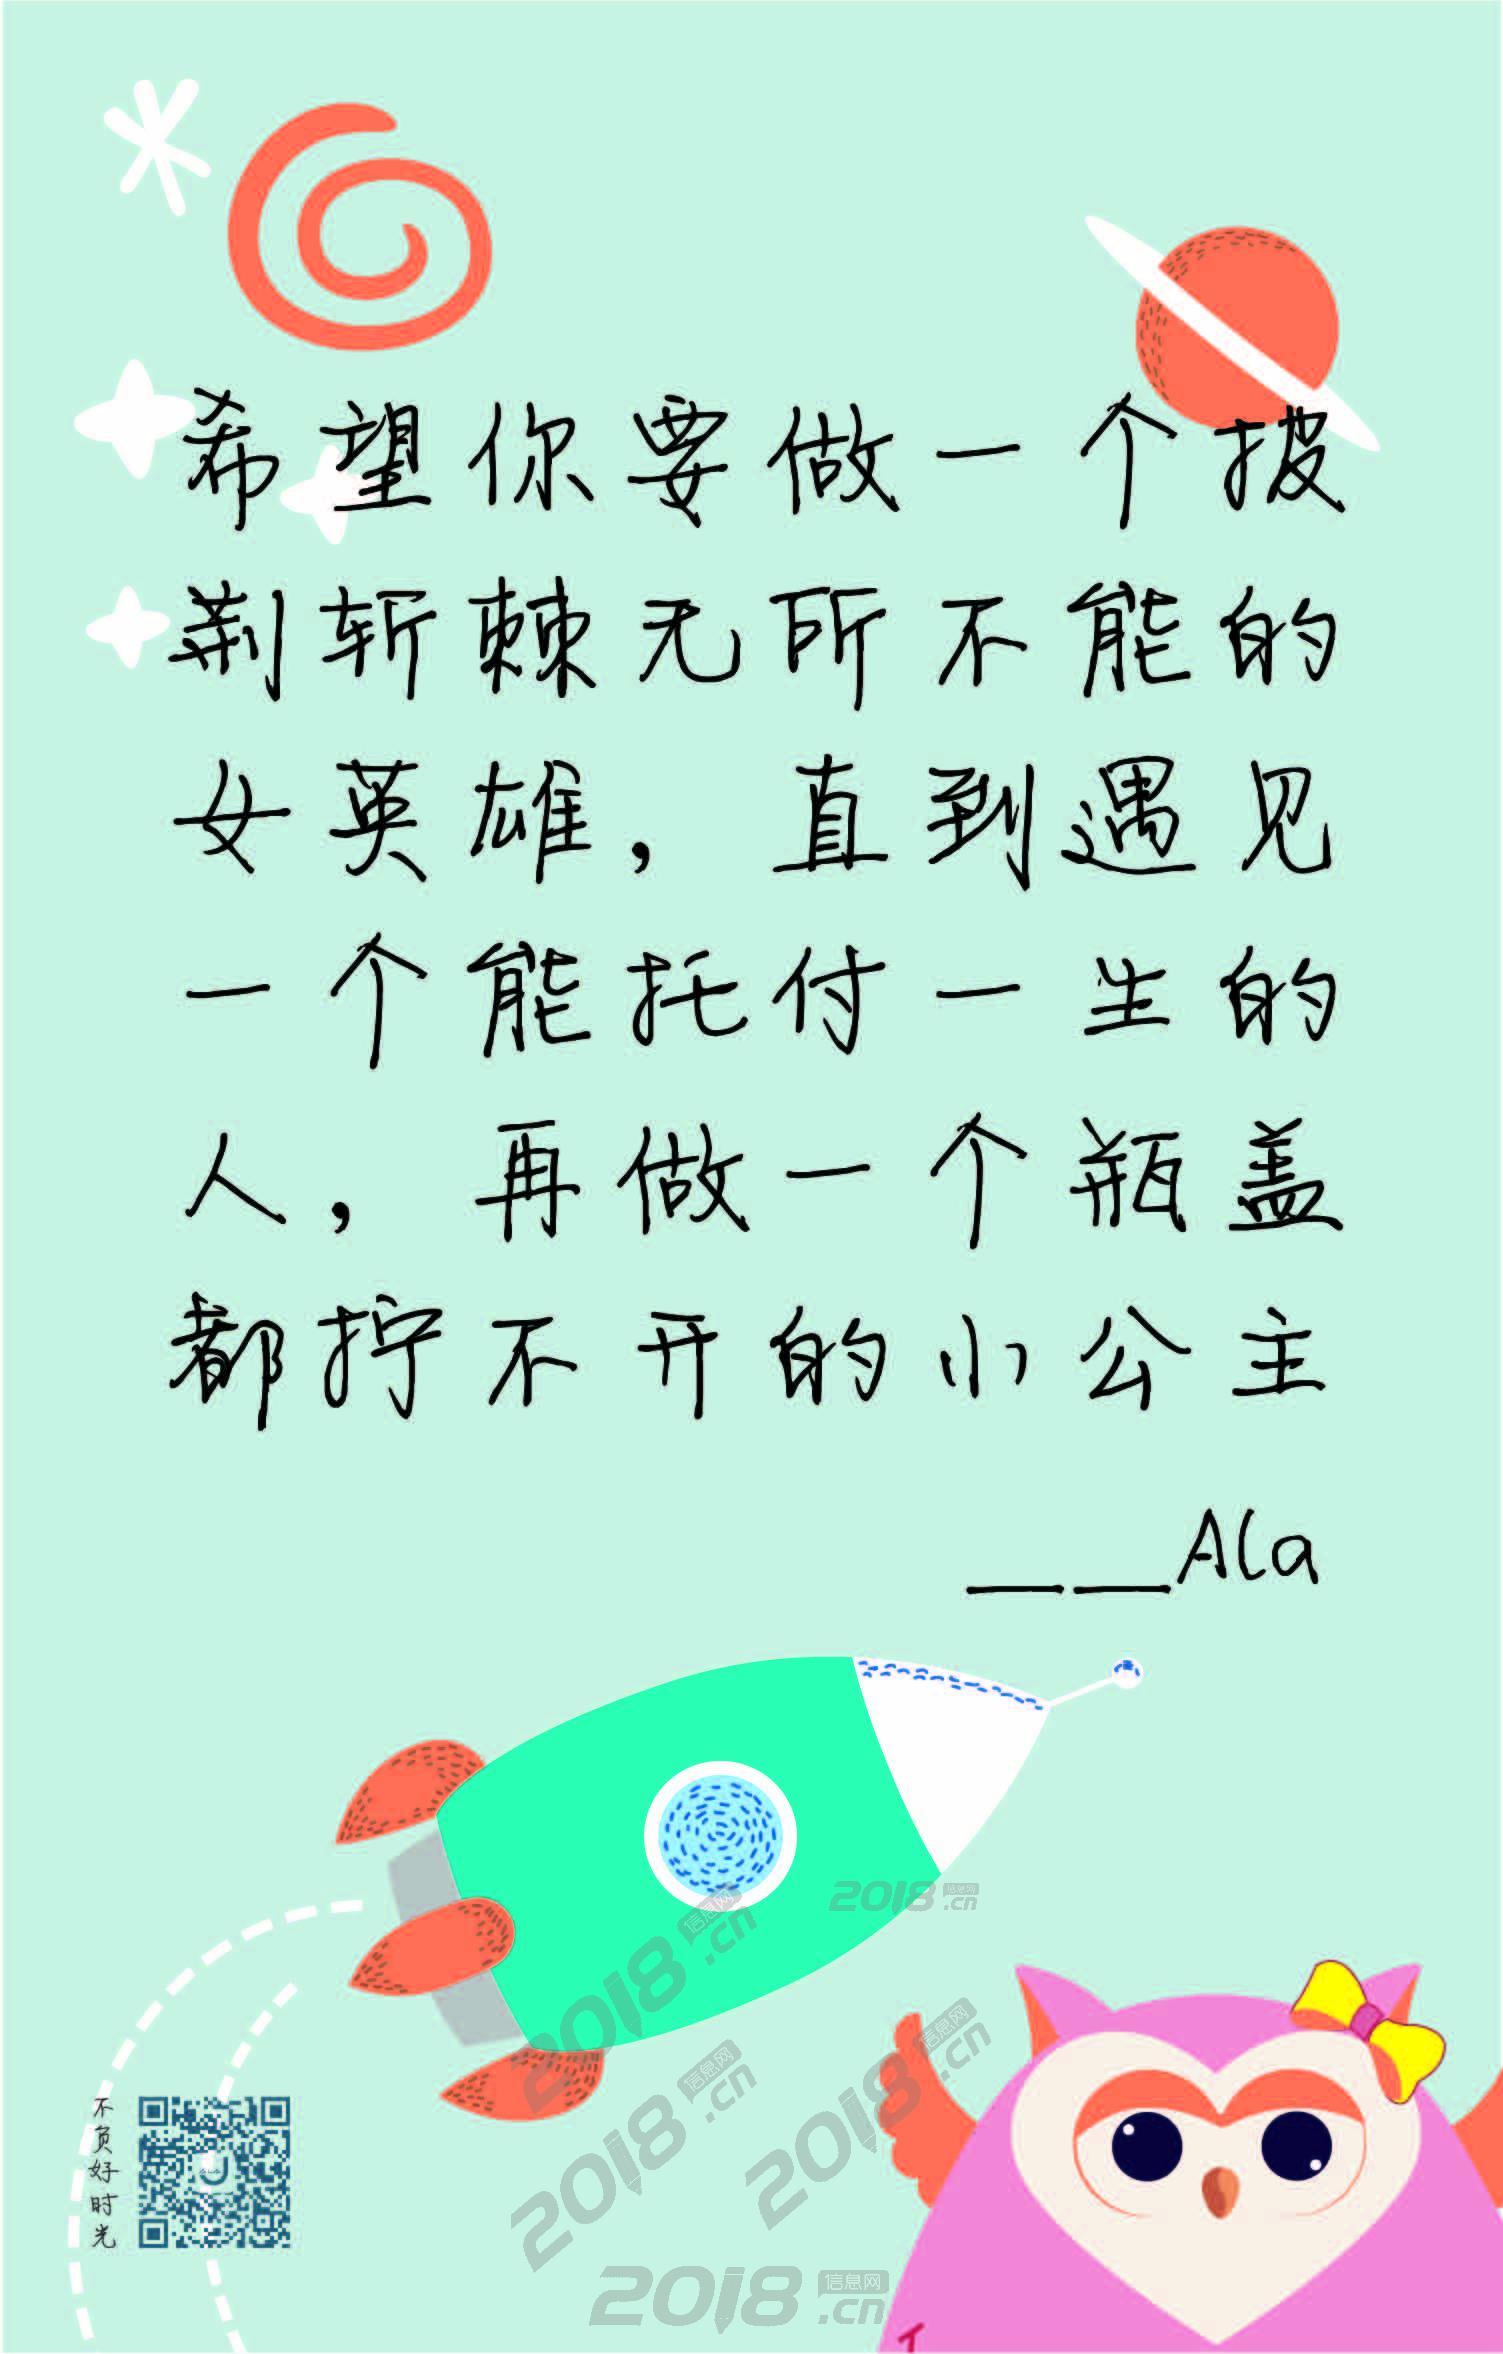 深圳阿拉卓盈酒店全永州地区加盟推广